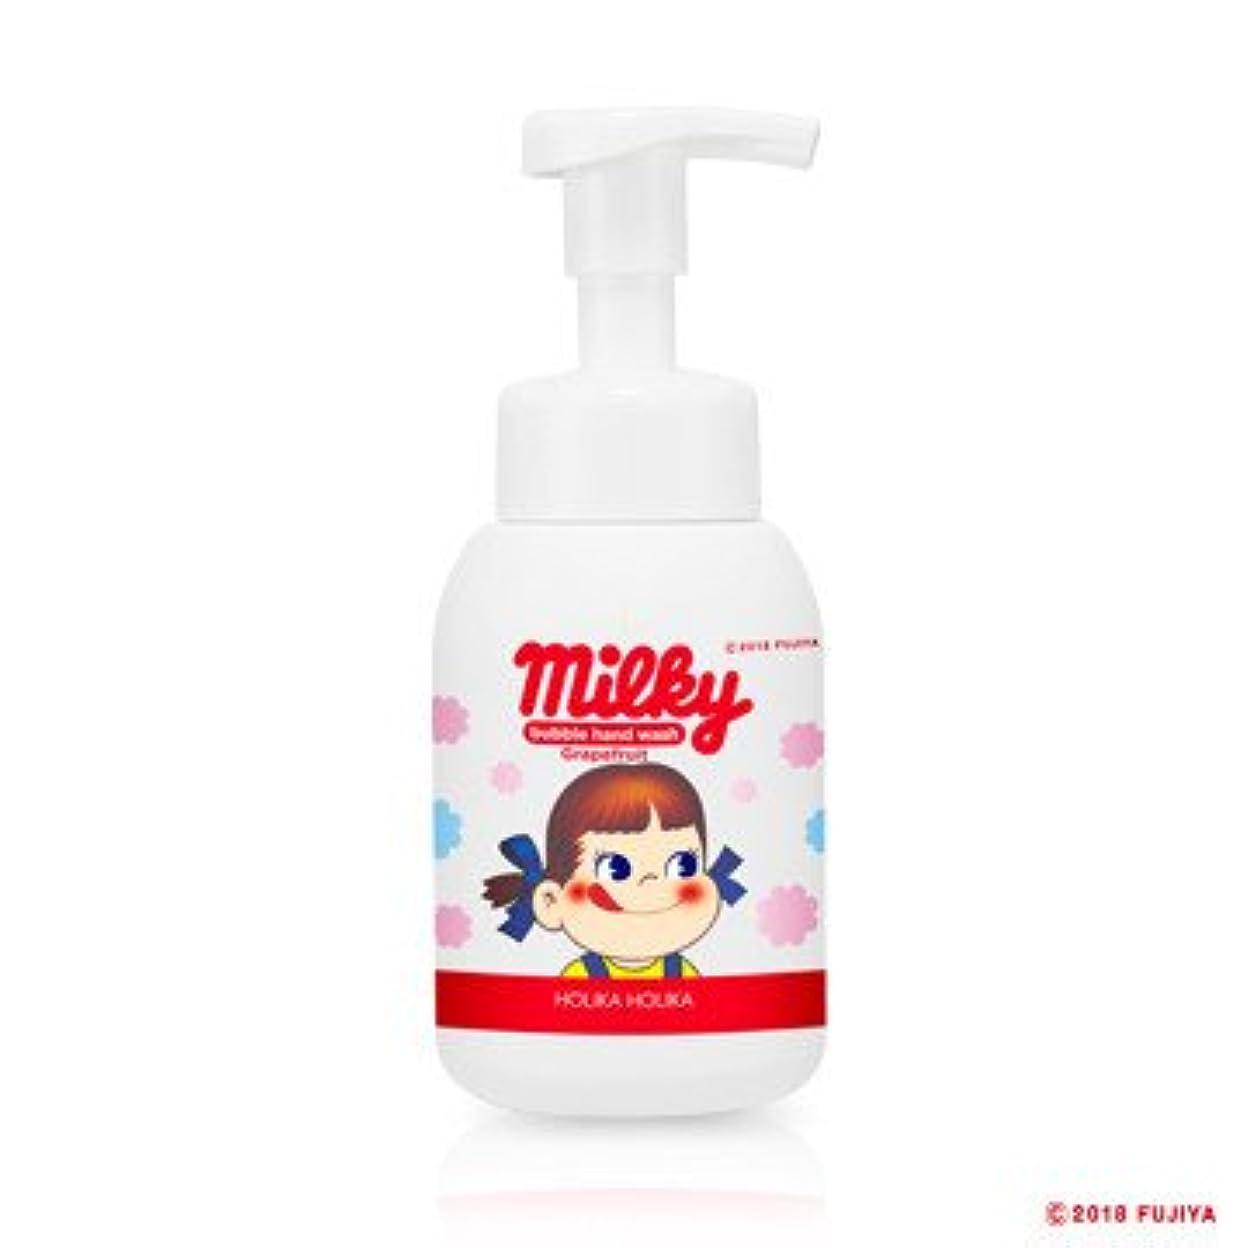 そんなに恐竜感じるHolika Holika [Sweet Peko Edition] Bubble Hand Wash/ホリカホリカ [スイートペコエディション] バブルハンドウォッシュ 250ml [並行輸入品]